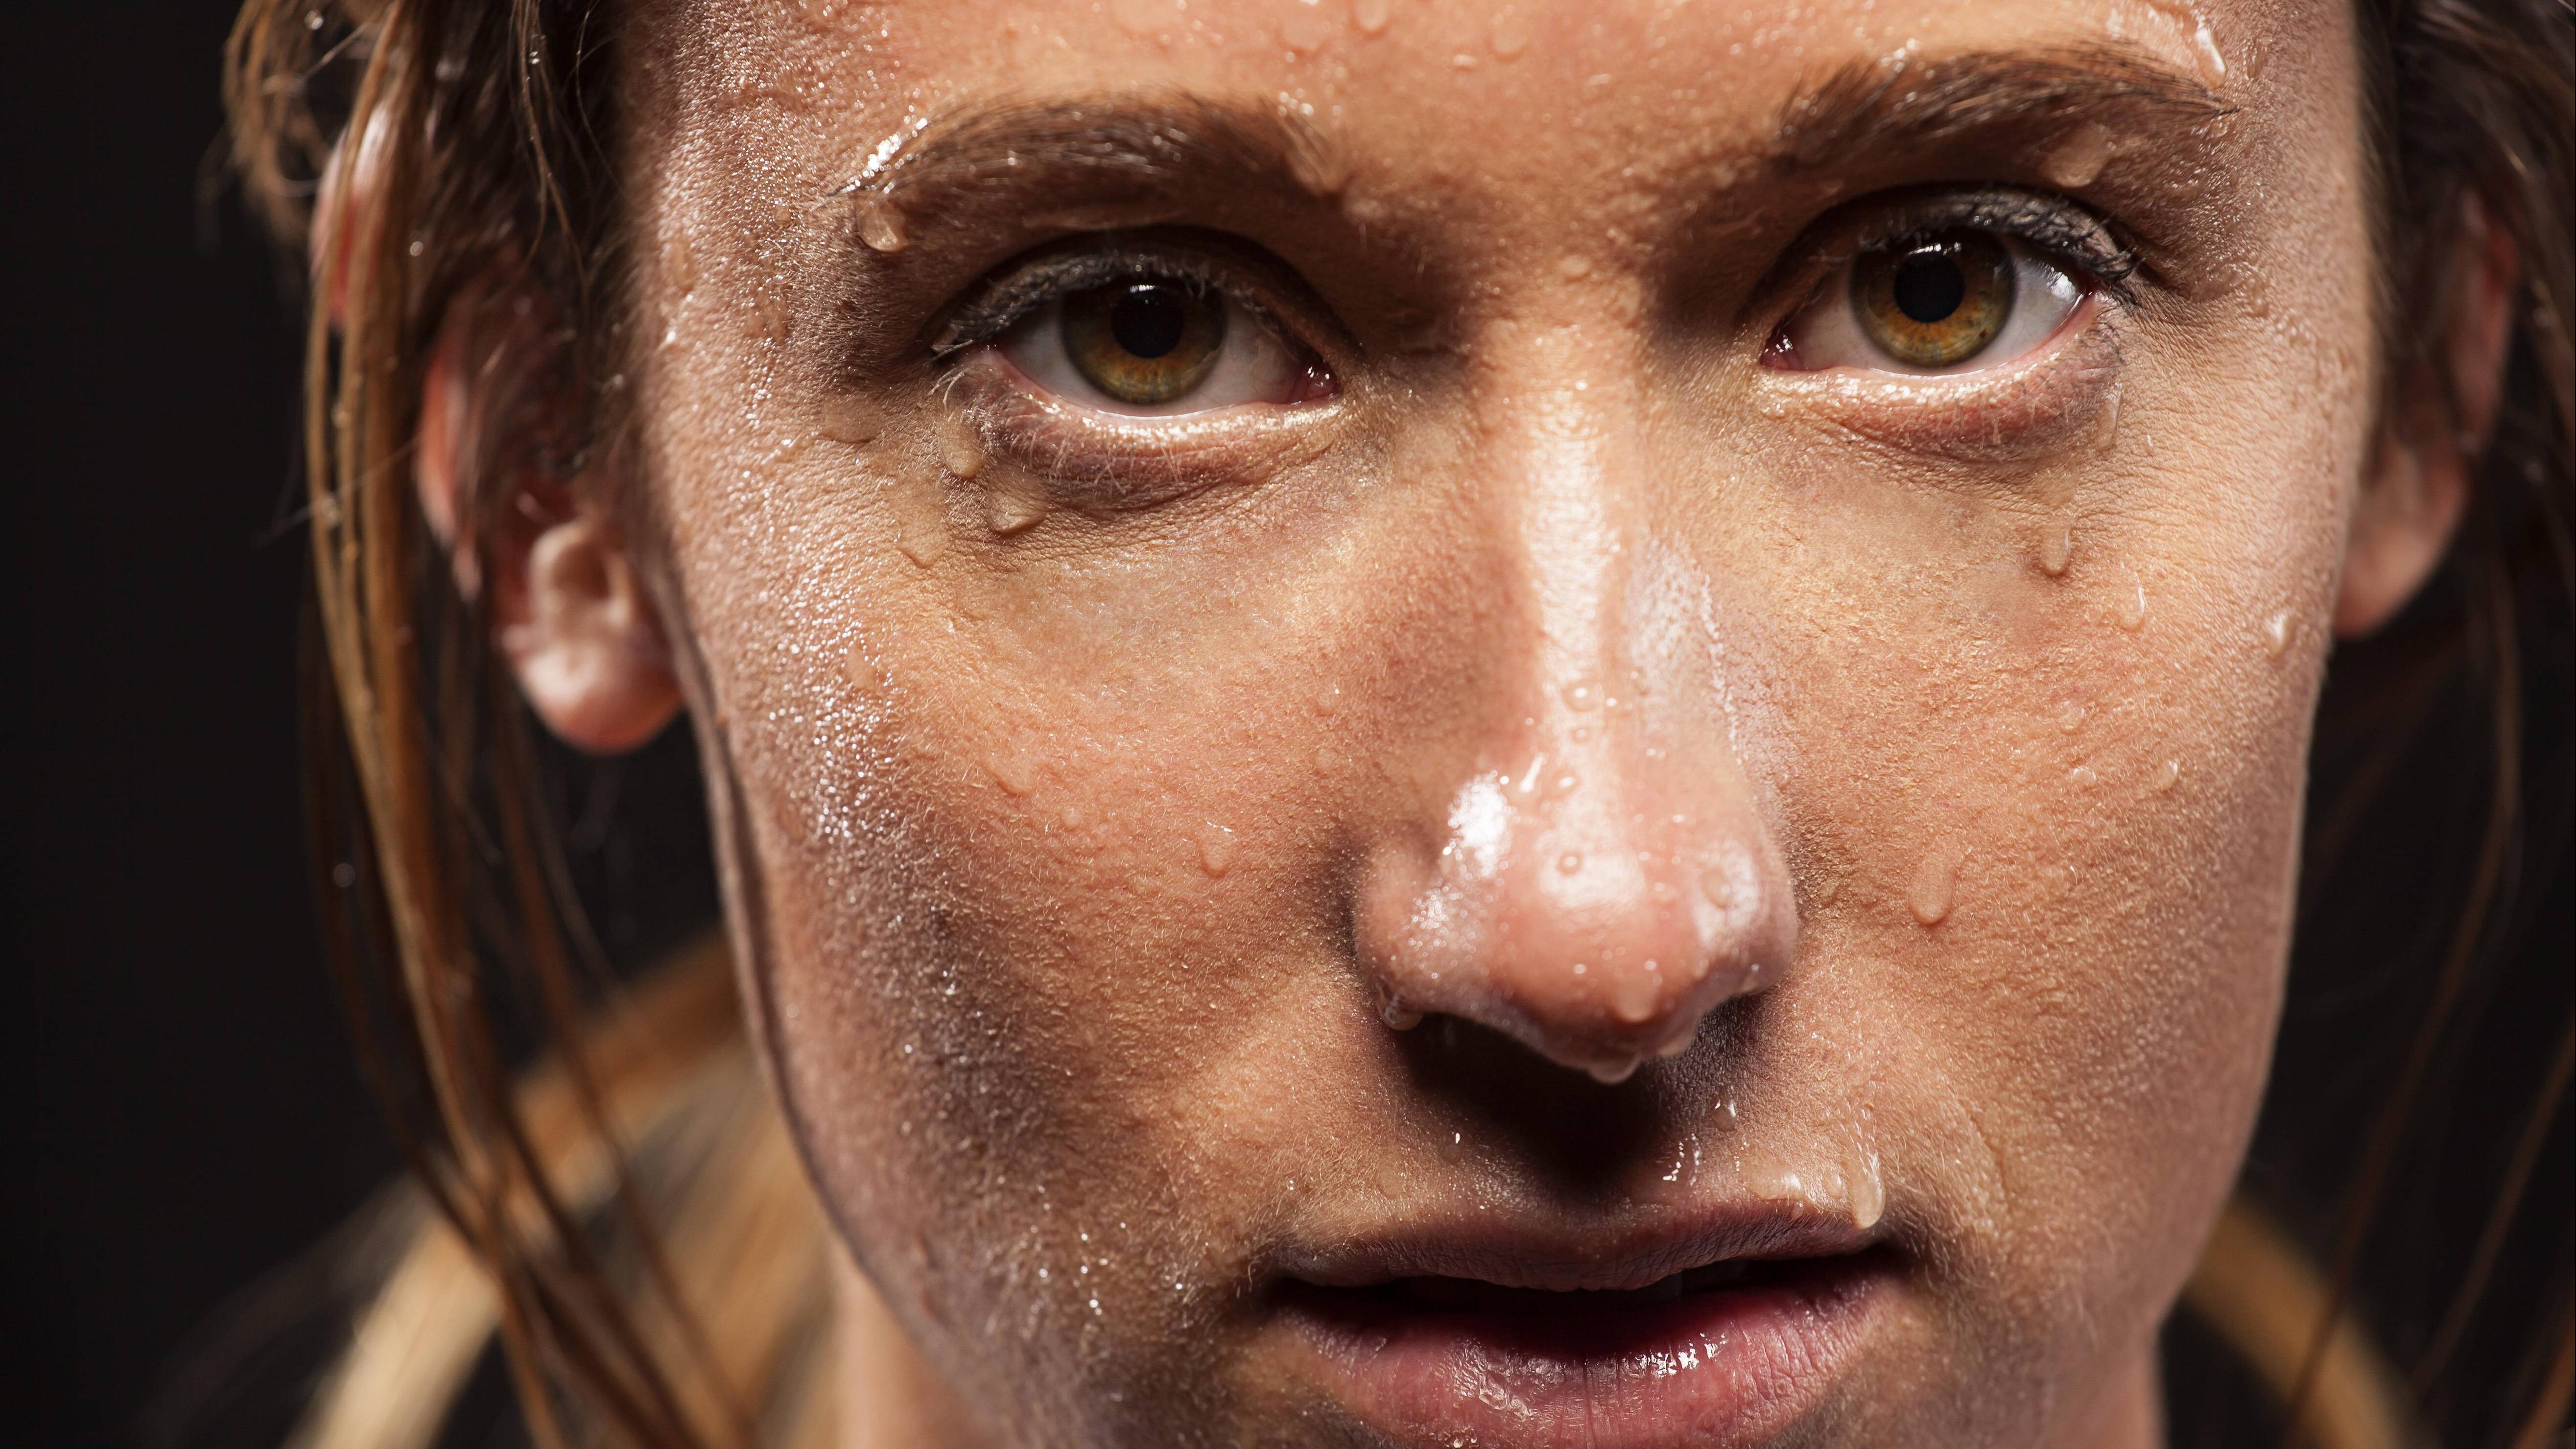 Starkes Schwitzen an Kopf und Gesicht: Ursache und was dagegen hilft